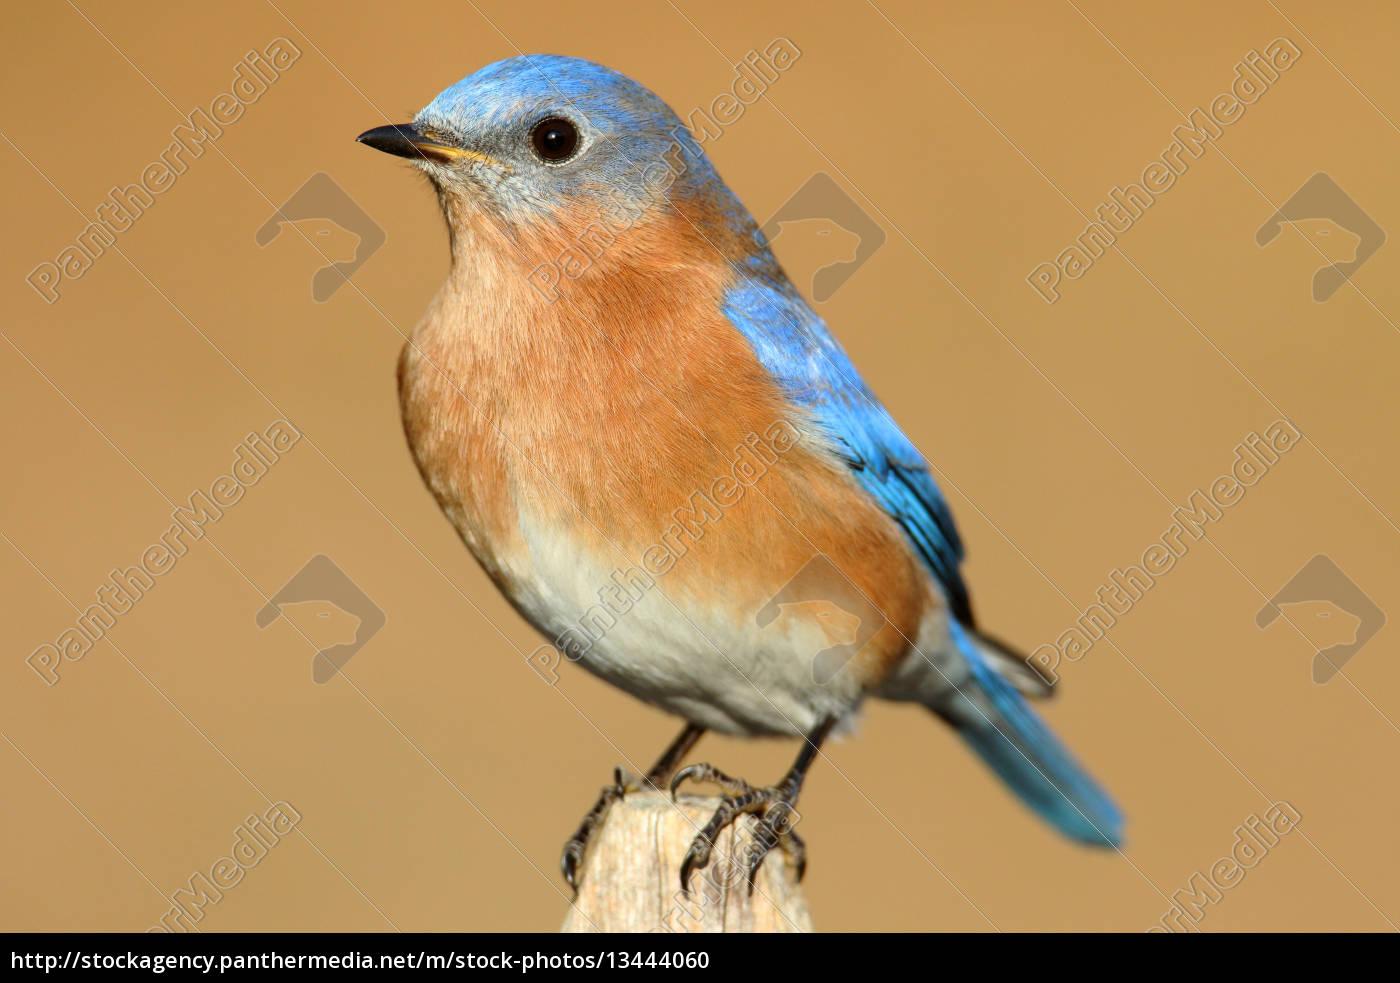 male, eastern, bluebird - 13444060